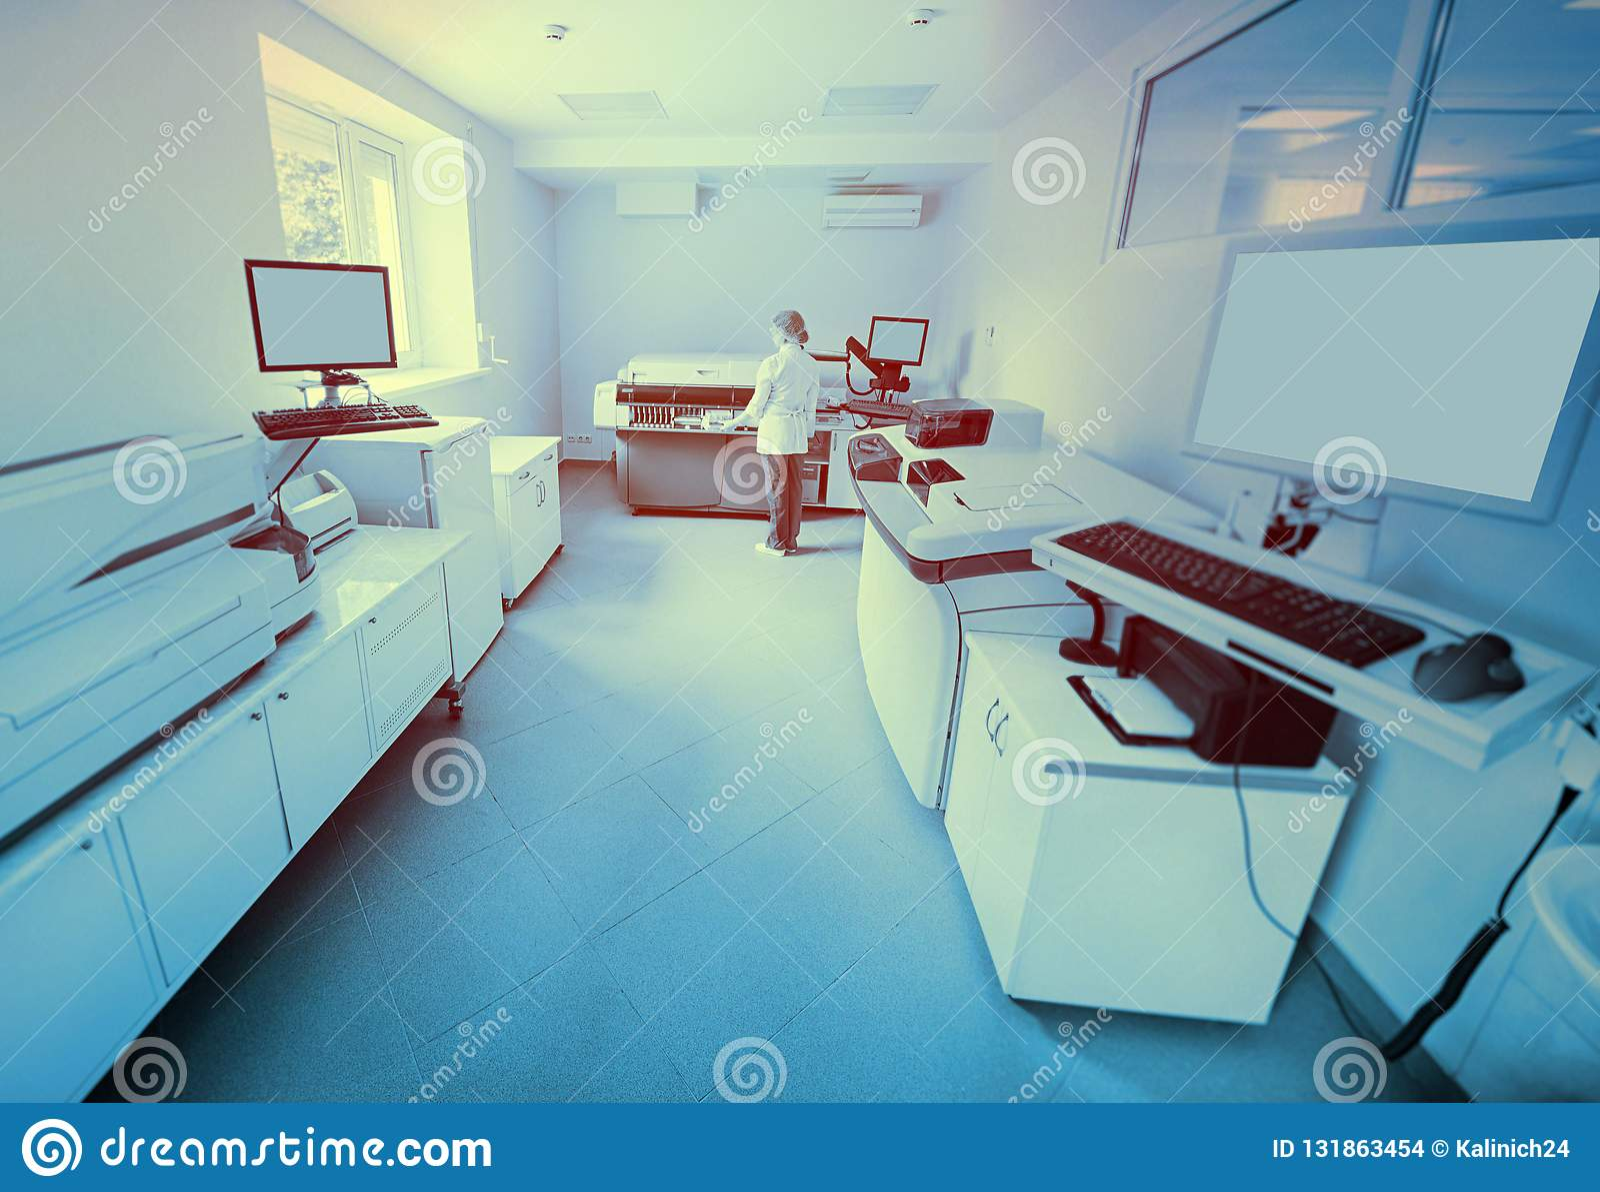 Wissenschaftler nahe dem Analysator in einem medizinischen mikrobiologischen Labor